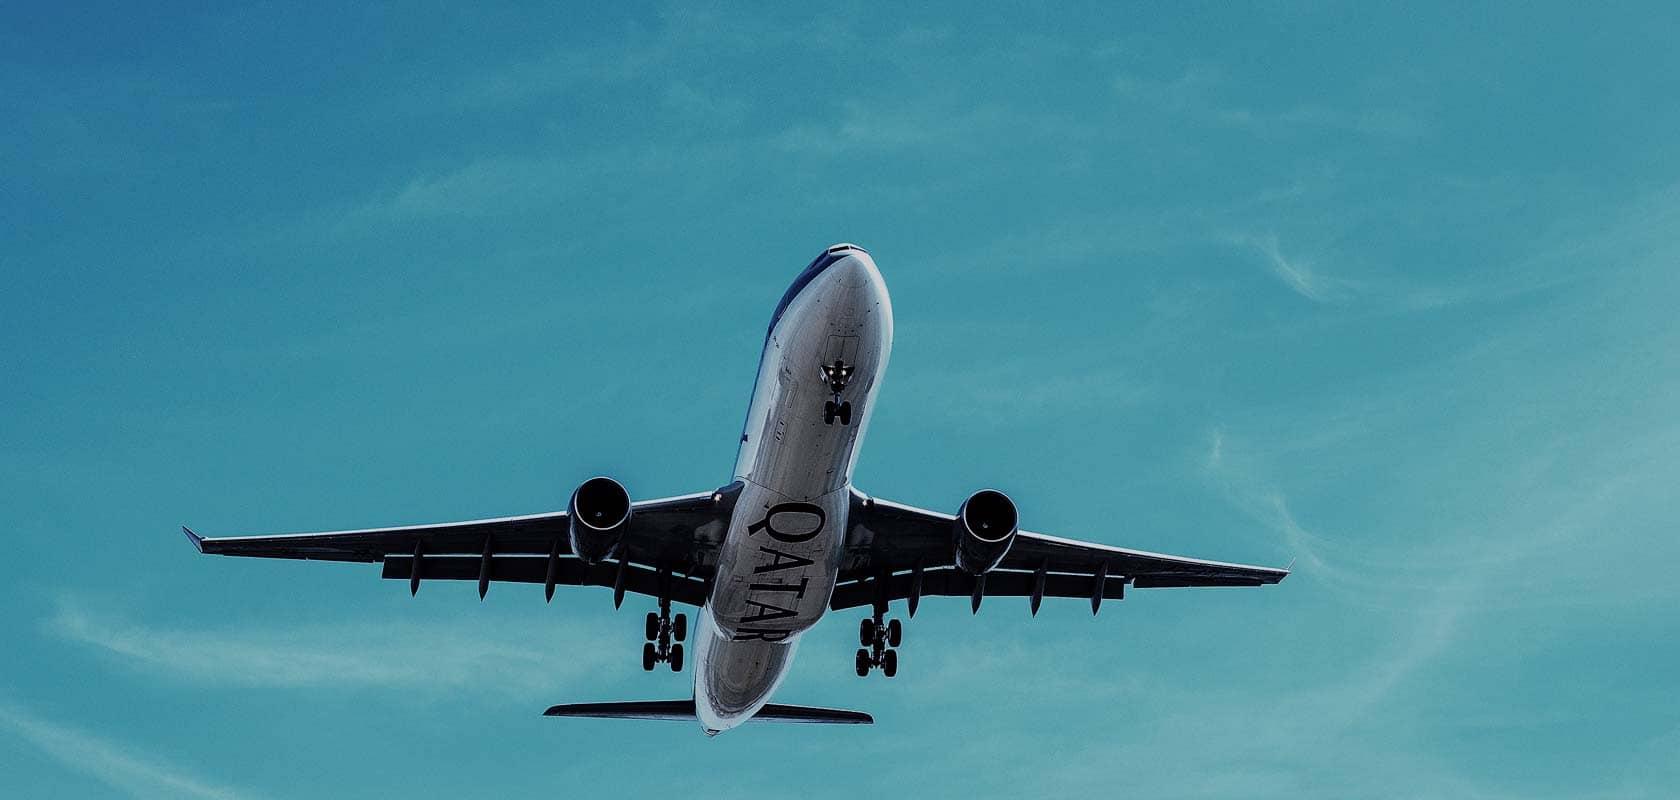 Flugverfolgung Flughafen Frankfurt Airport FRA Ankunft und Abflug